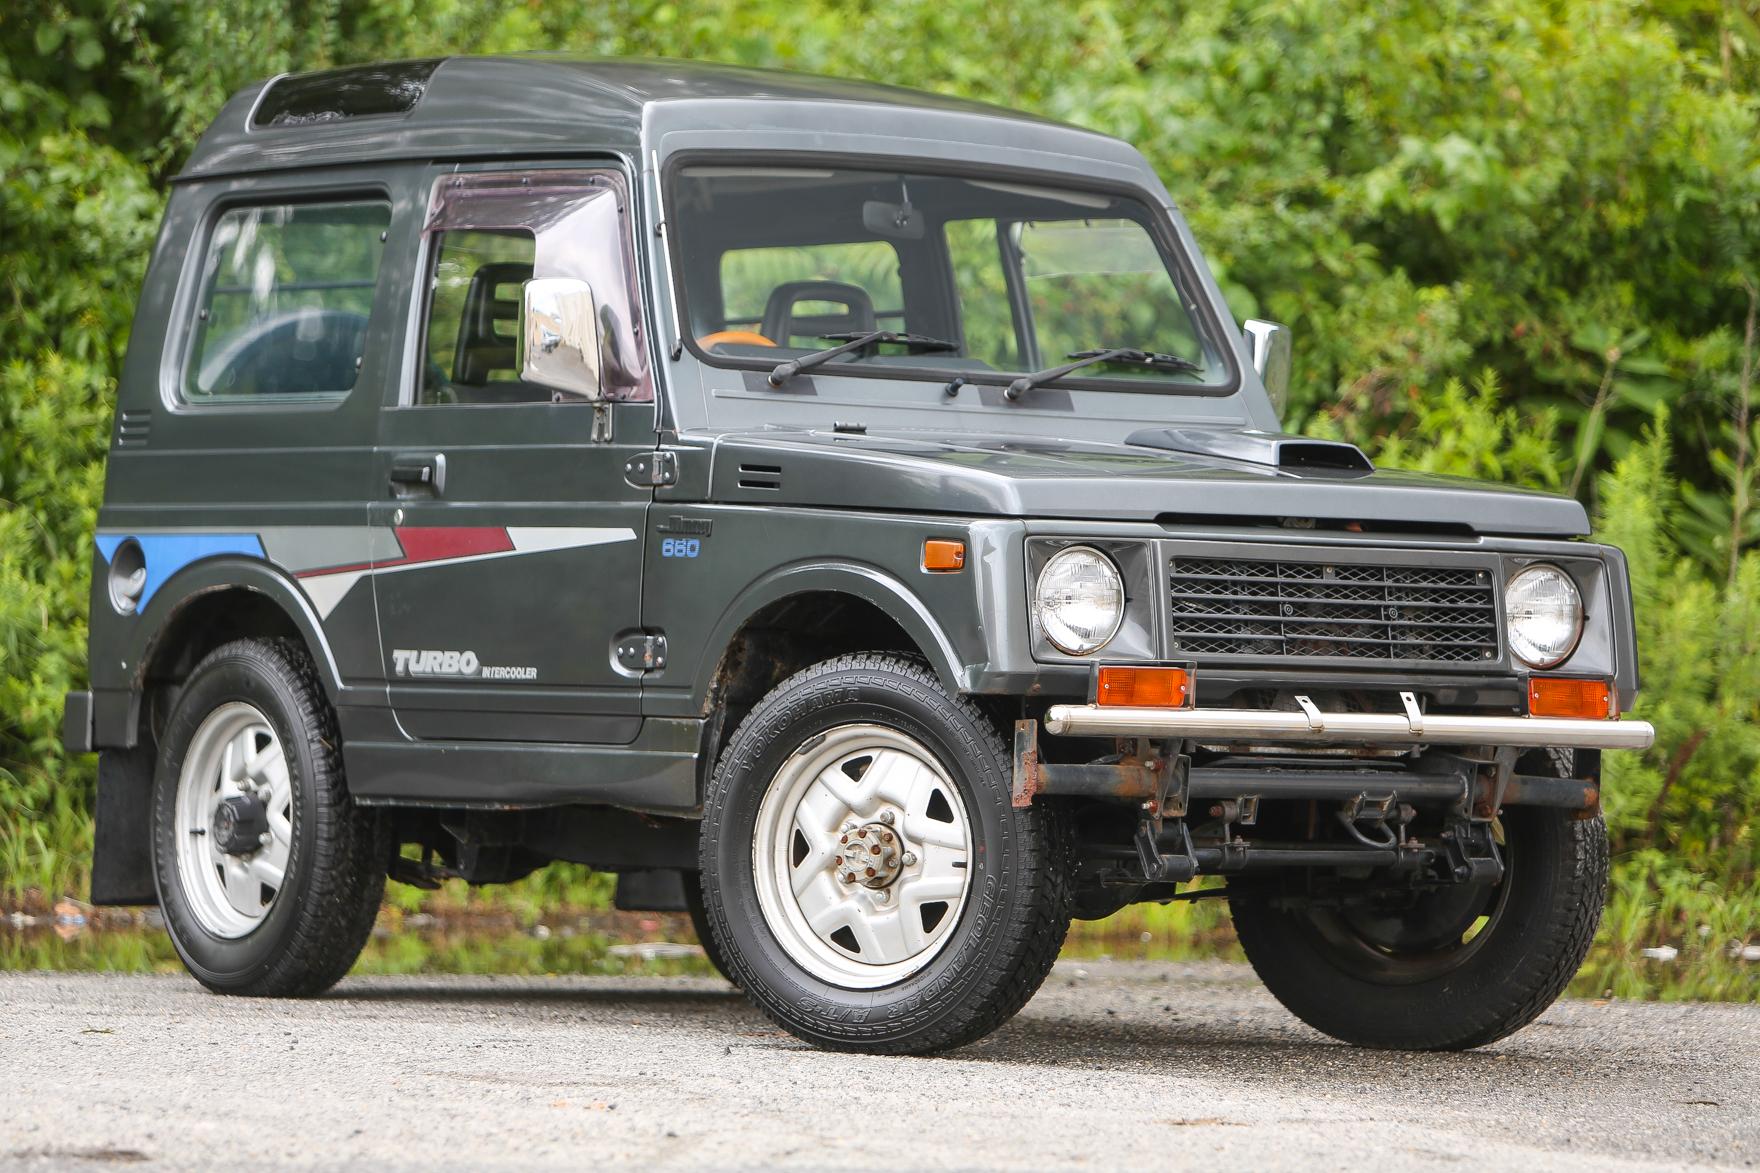 1991 Suzuki Jimny Panoramic Roof - $7,300